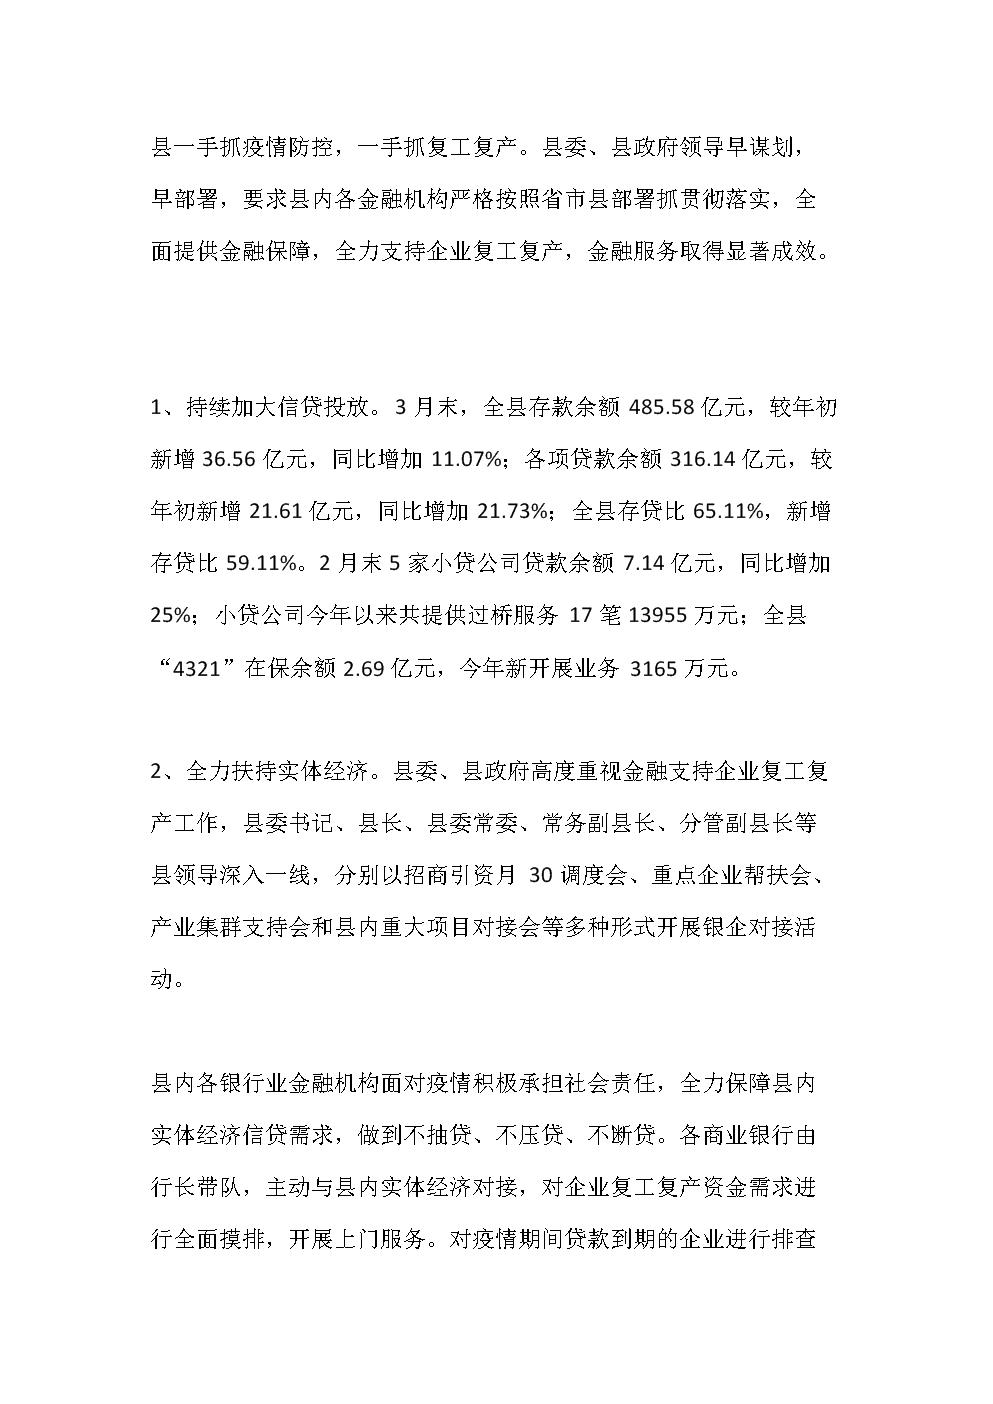 金融系統支持企業復工復產工作匯報.doc